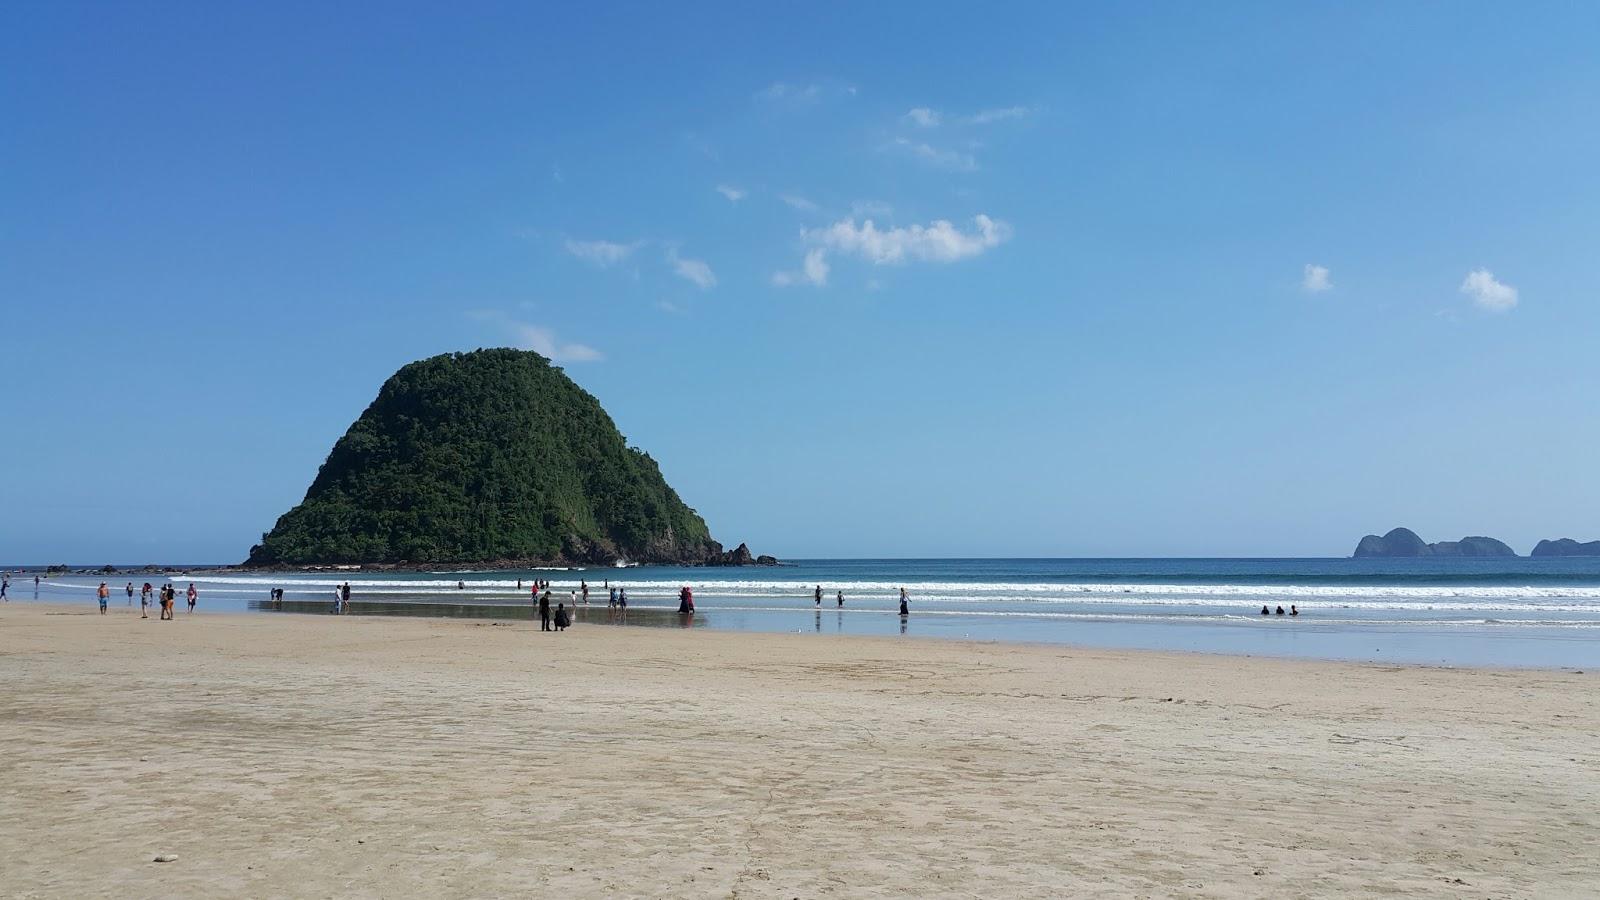 Wisata Indonesia Pantai Pulau Merah Dan Teluk Hijau